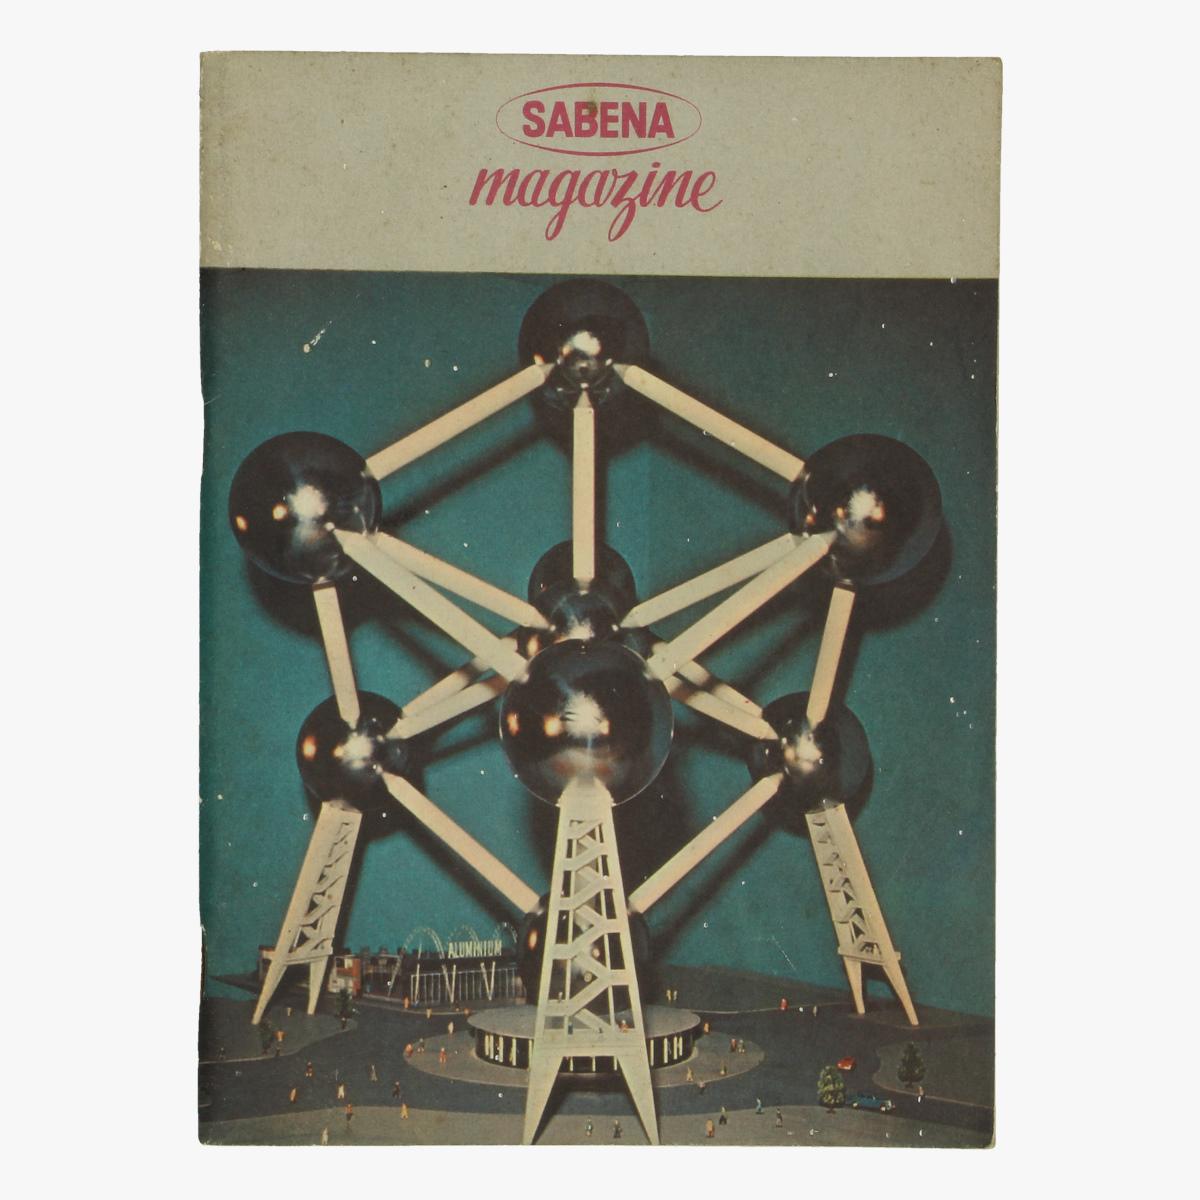 Afbeeldingen van sabena magazine - expo 58